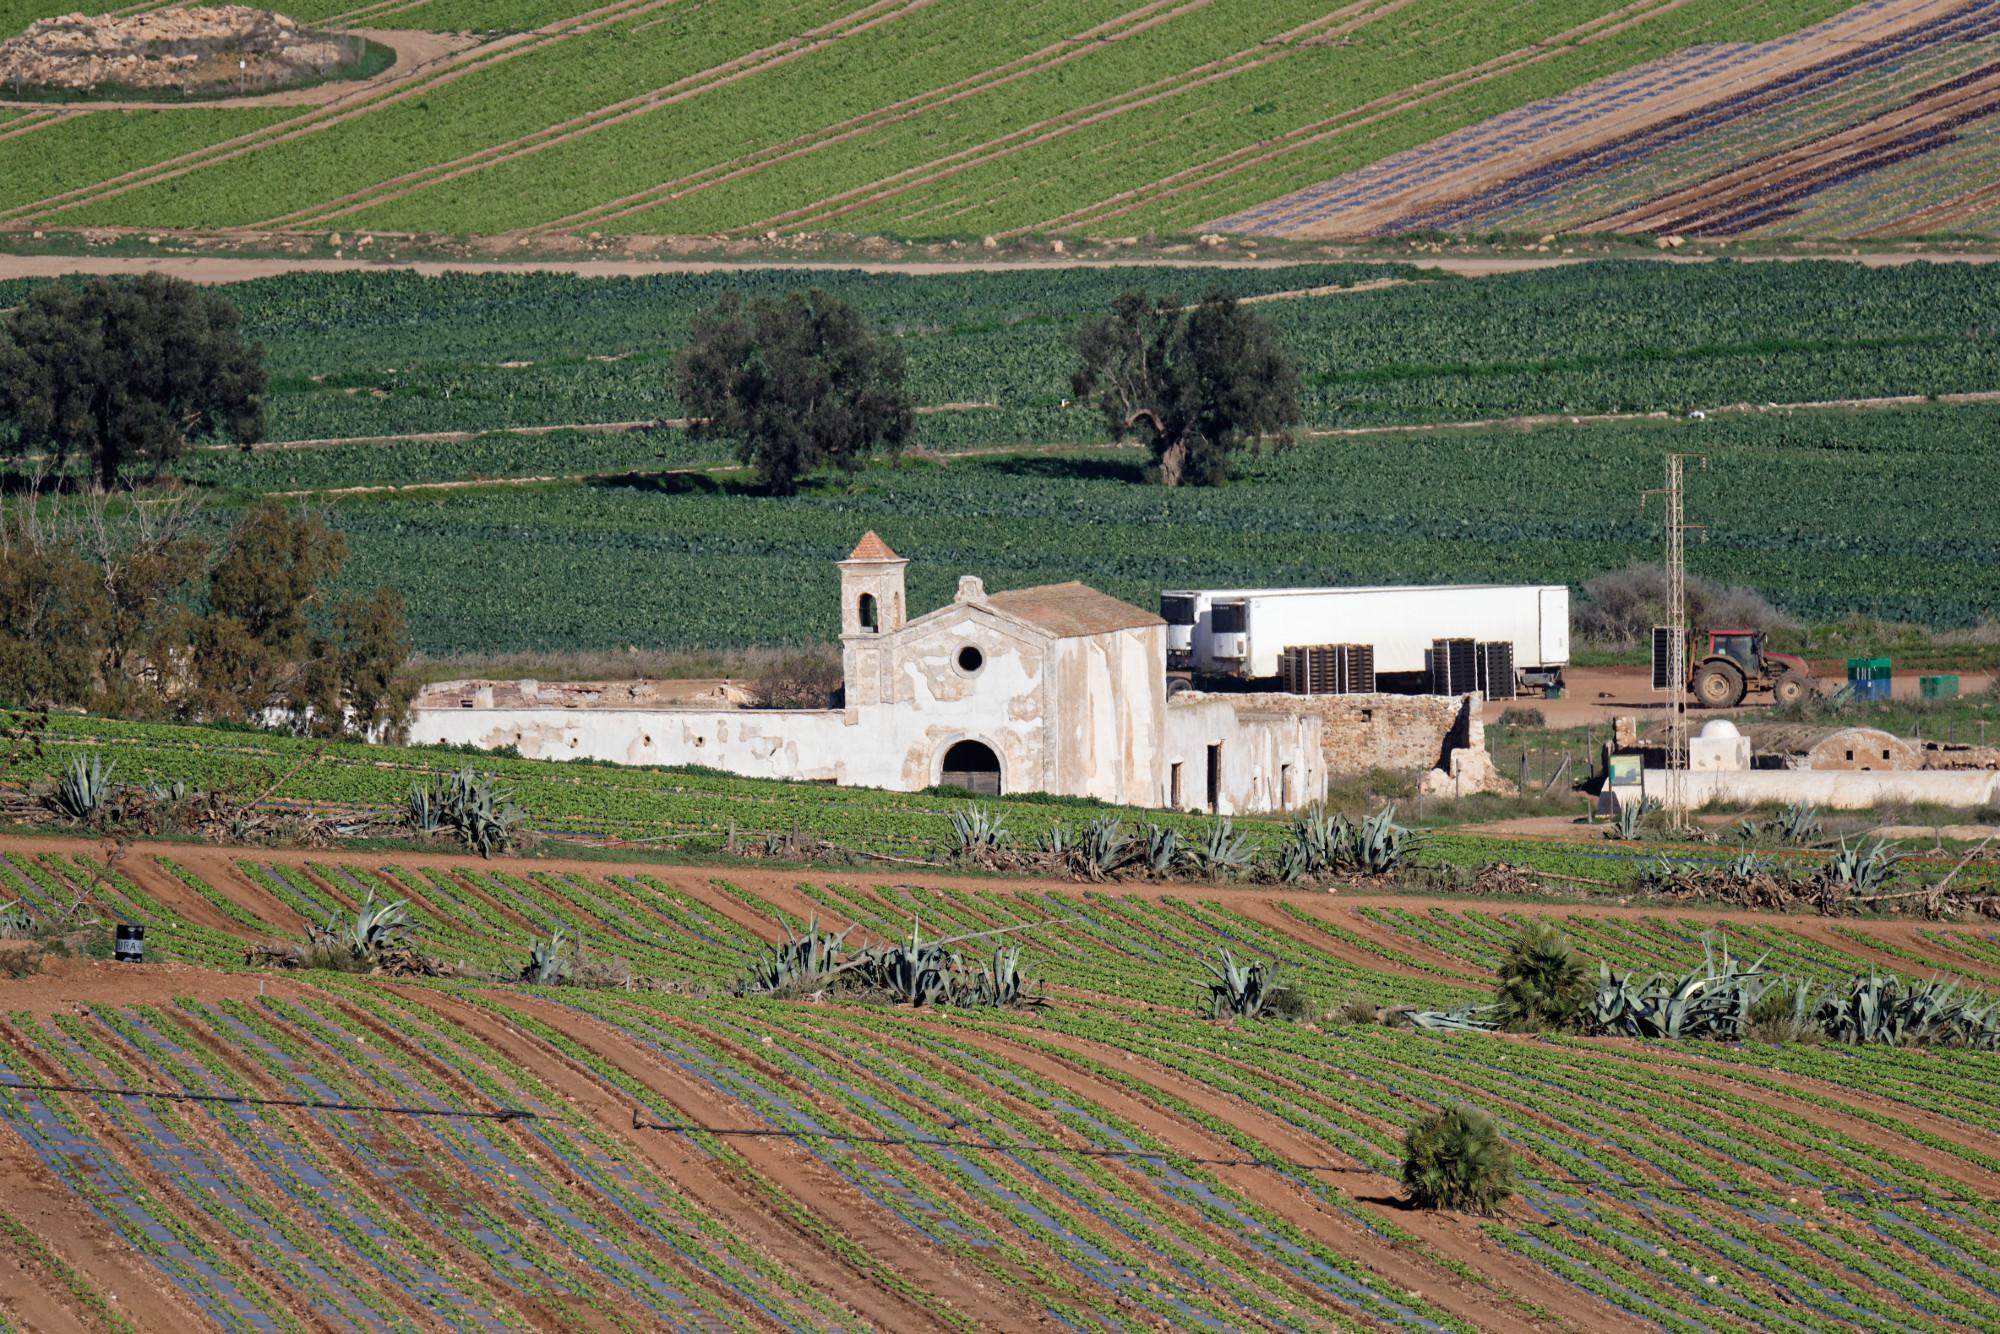 171218-Piste Rodalquilar vers Cortijo del Fraile (Cabo de Gata-Andalousie) (56)